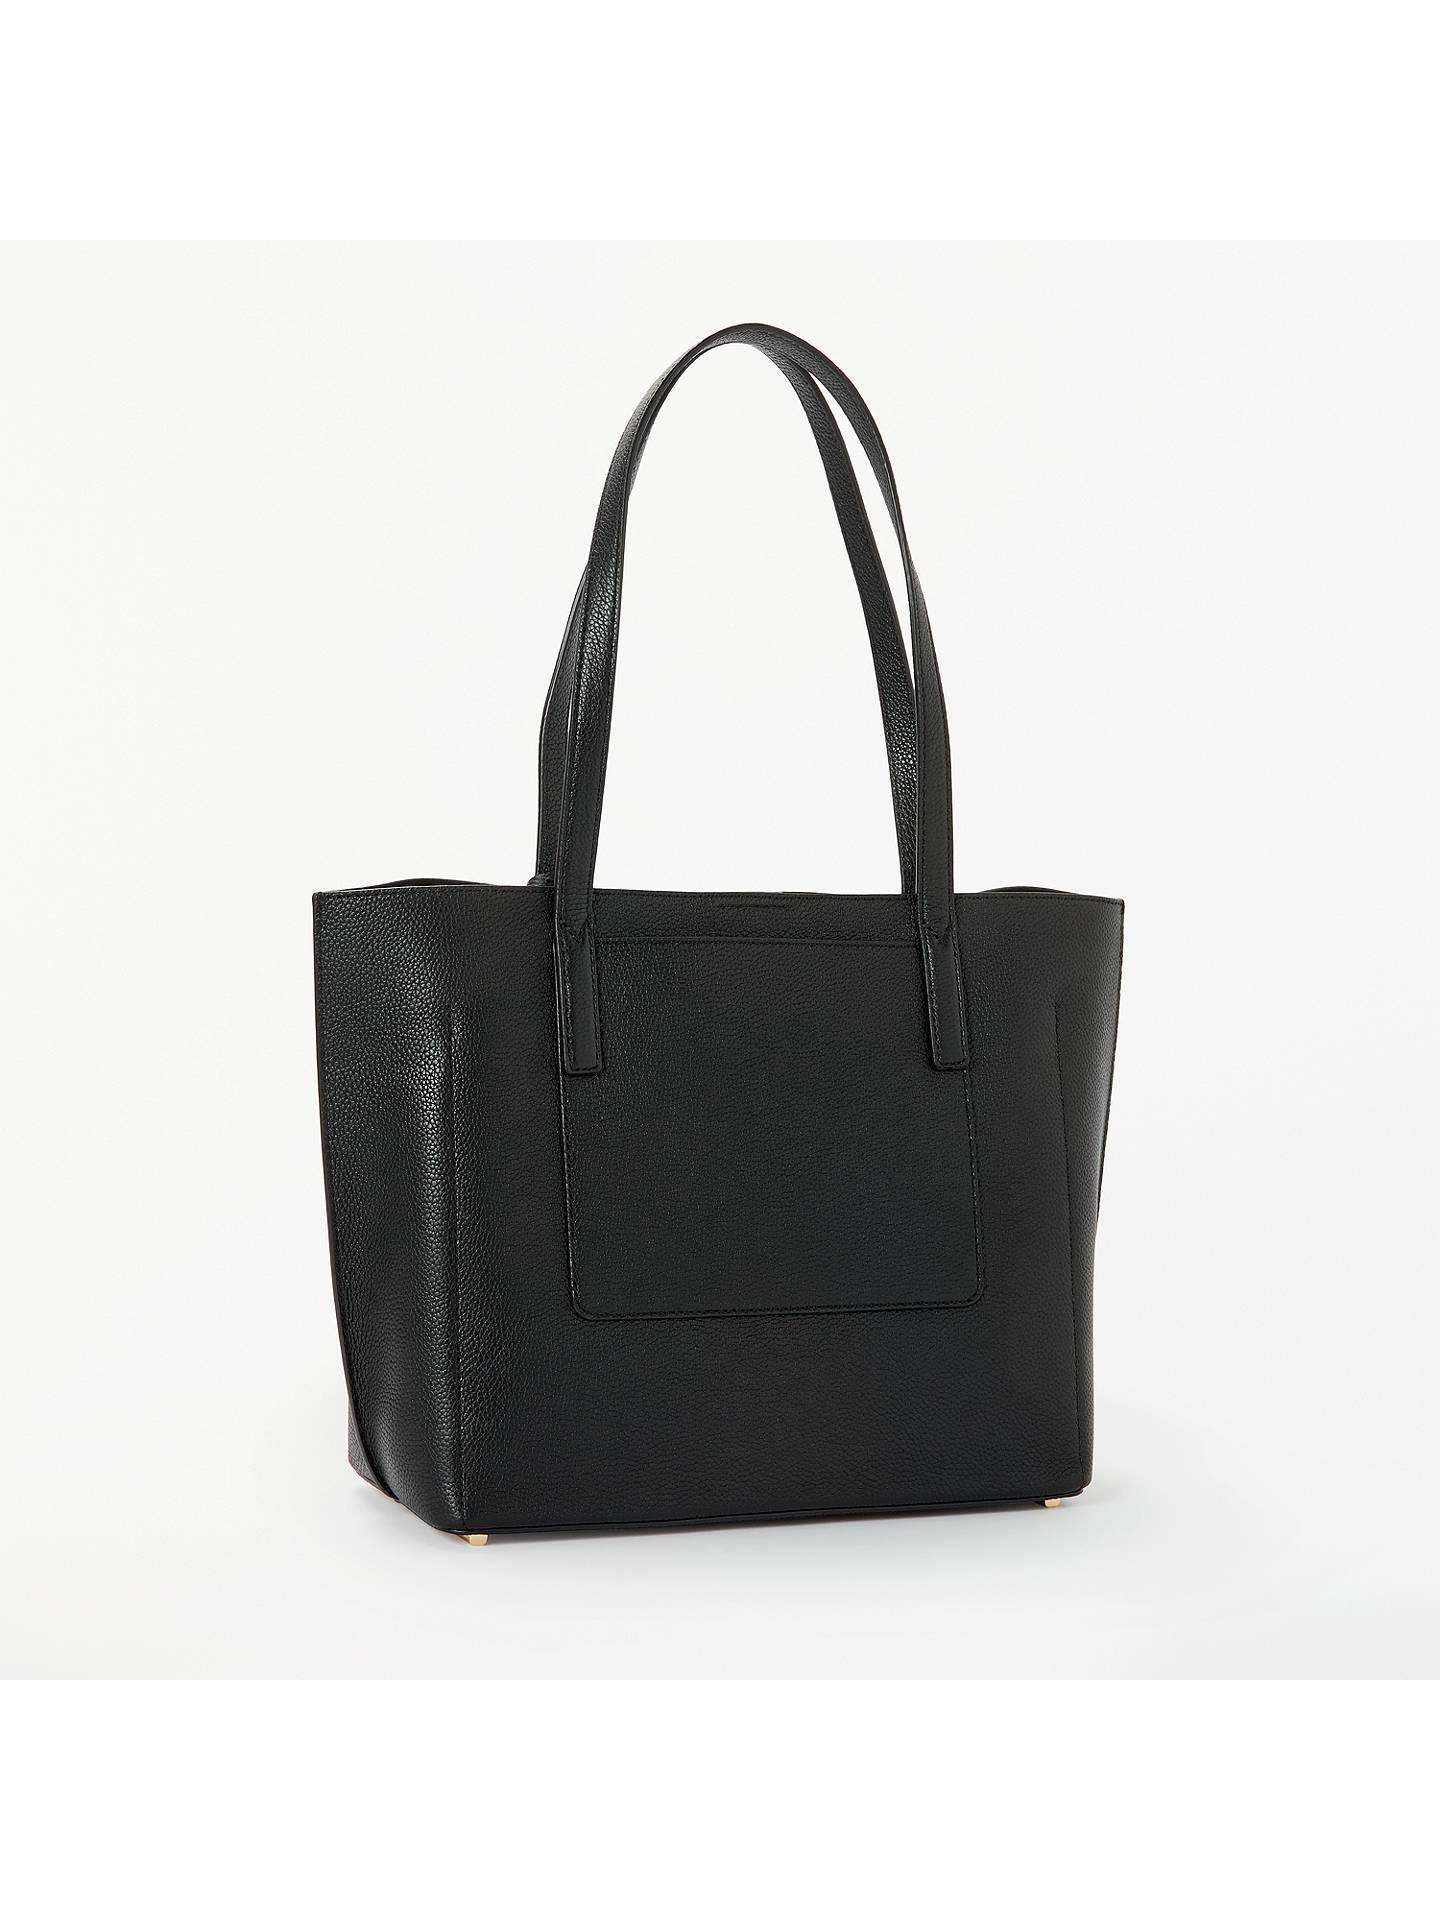 bafdd7444211 MICHAEL Michael Kors Ana Bonded Leather Tote Bag at John Lewis ...